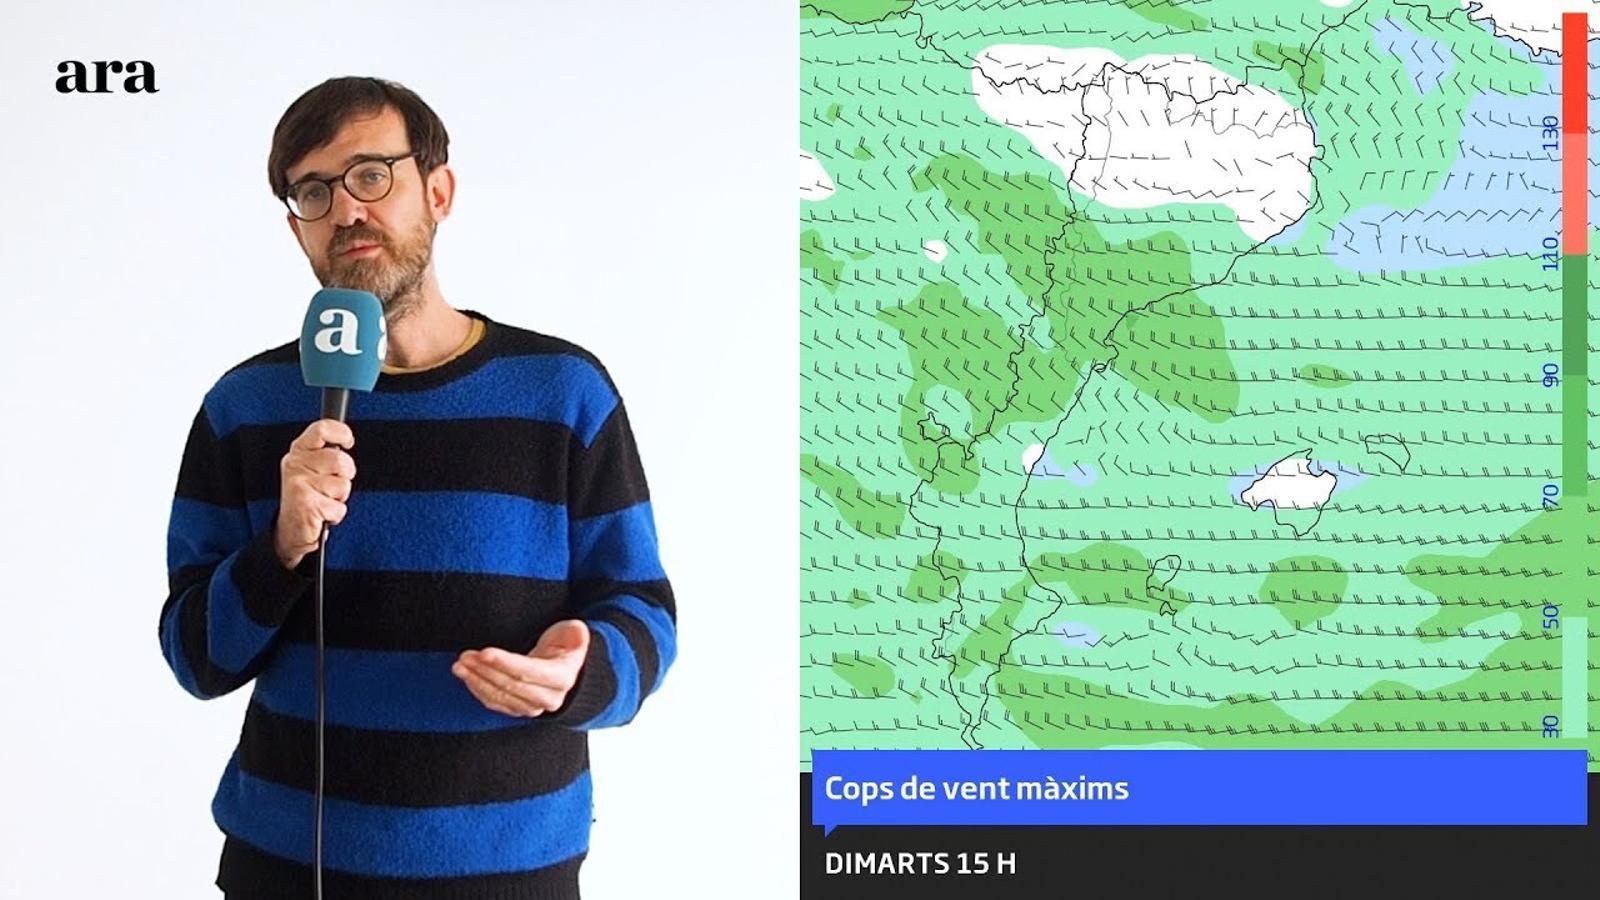 La méteo: fort vent per començar una setmana sencera de fred intens